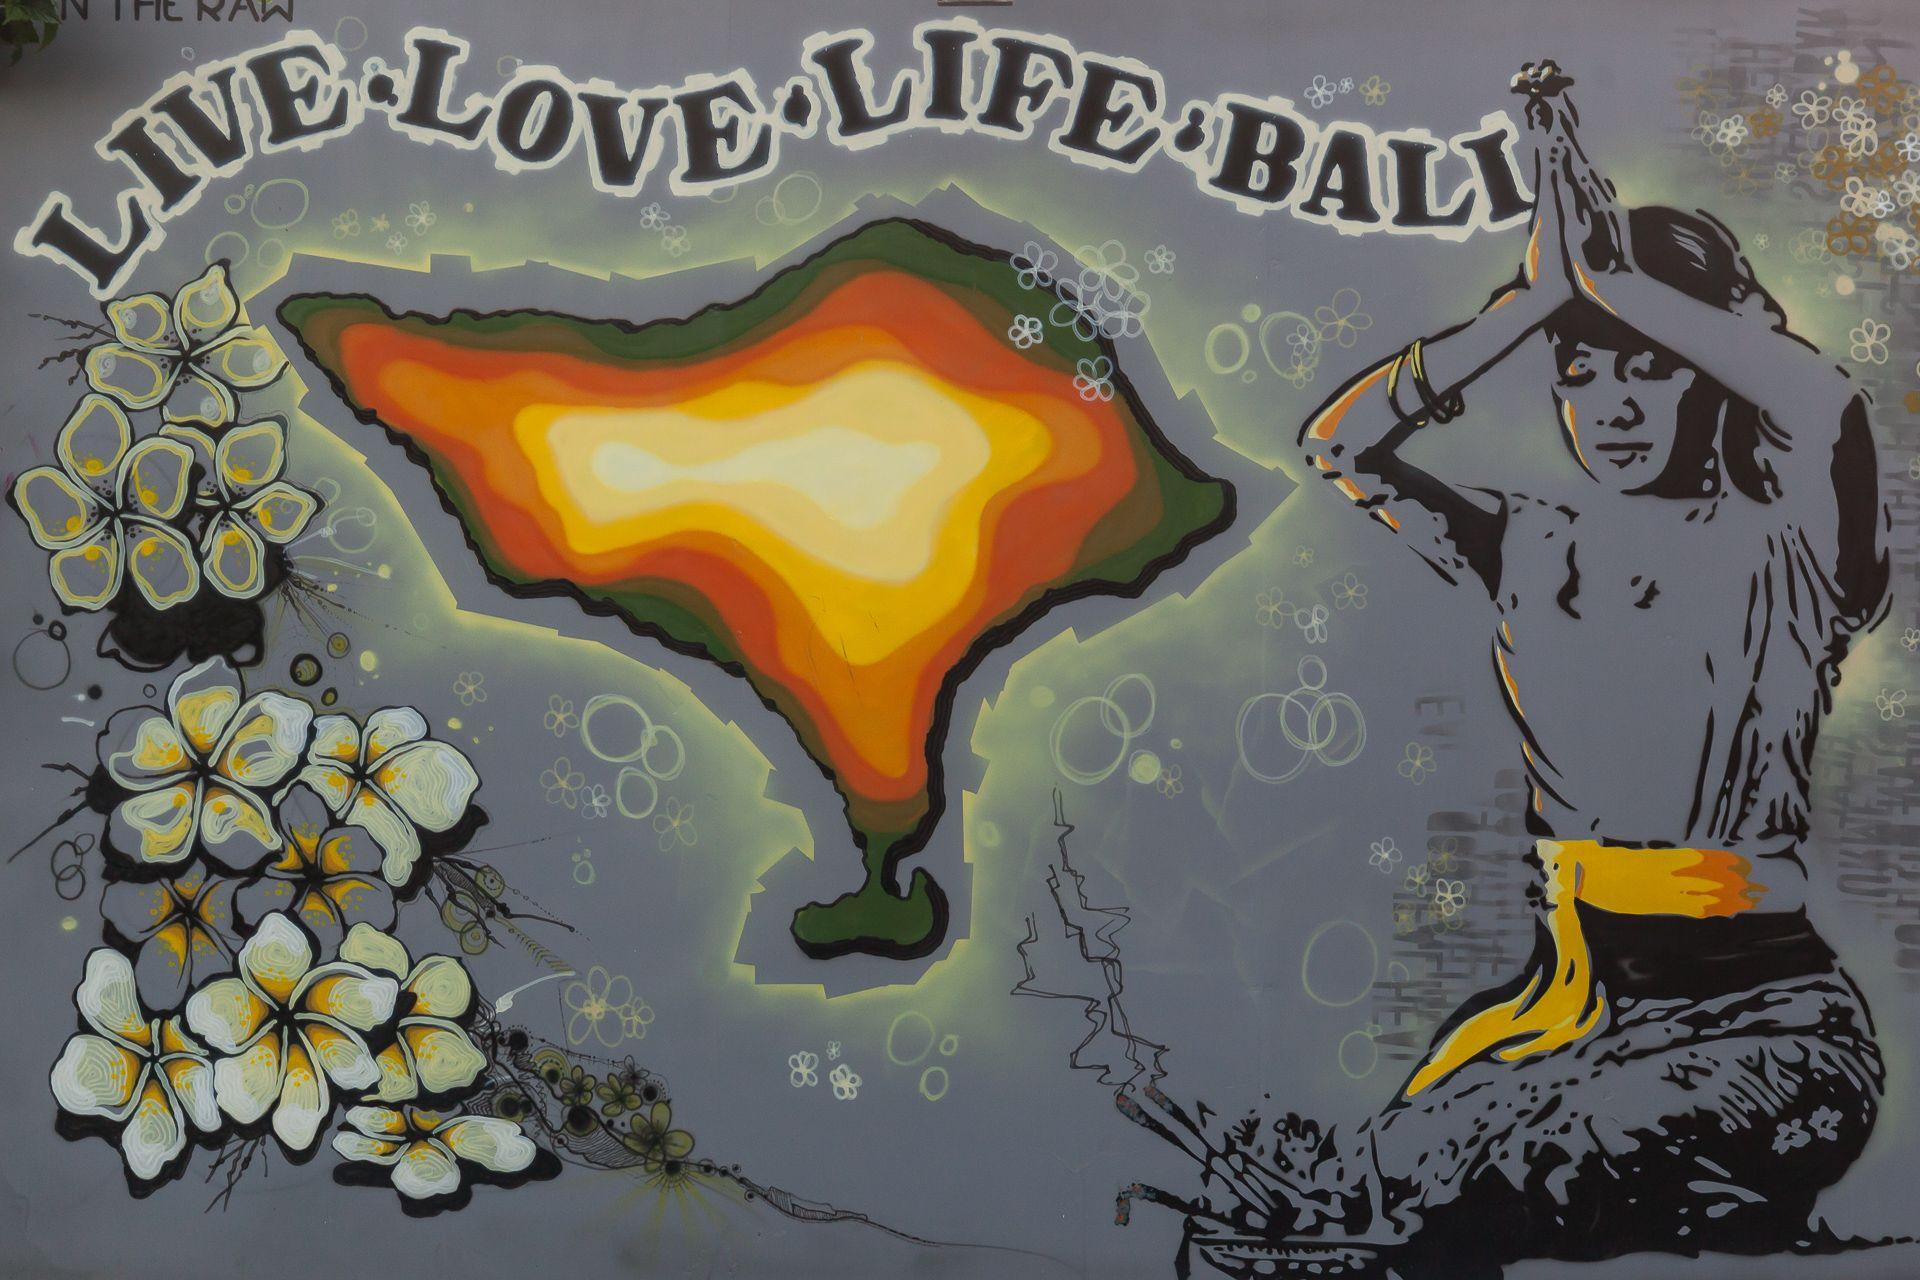 Bali, Indonesia, Southeast Asia, love Bali, foto Bali, travel, Бали, путешествие на Бали, отпуск на Бали, фото Бали, остров Бали, Индонезия, остров богов и демонов, жизнь на Бали, культура Бали, впечатления от Бали, Бали или Самуи, где лучше в Таиланде или на Бали,